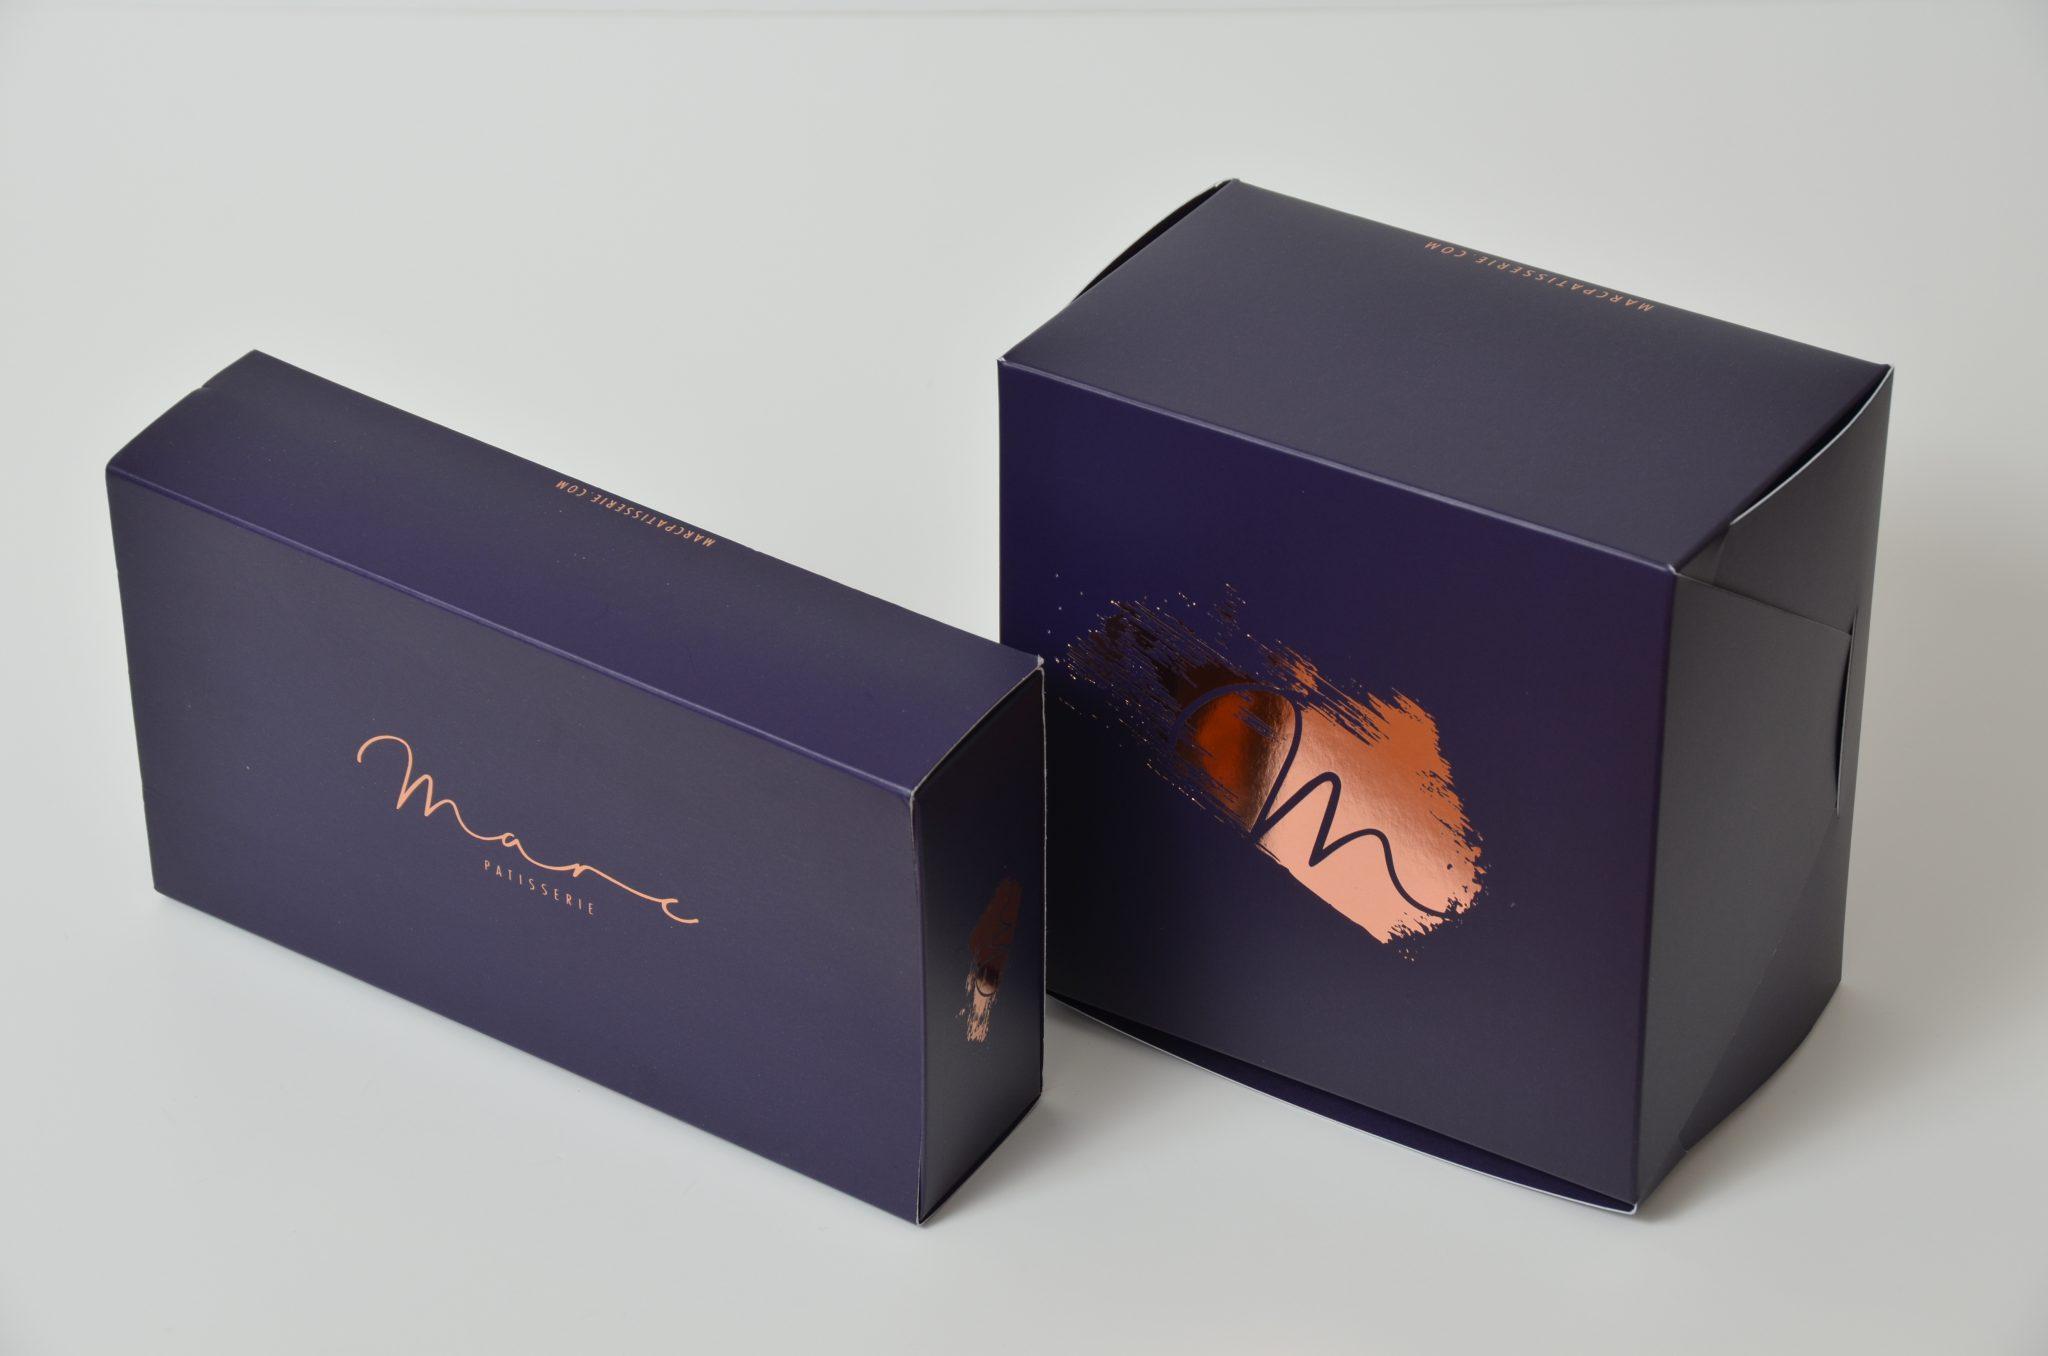 bespoke premier packaging solutions. Black Bedroom Furniture Sets. Home Design Ideas